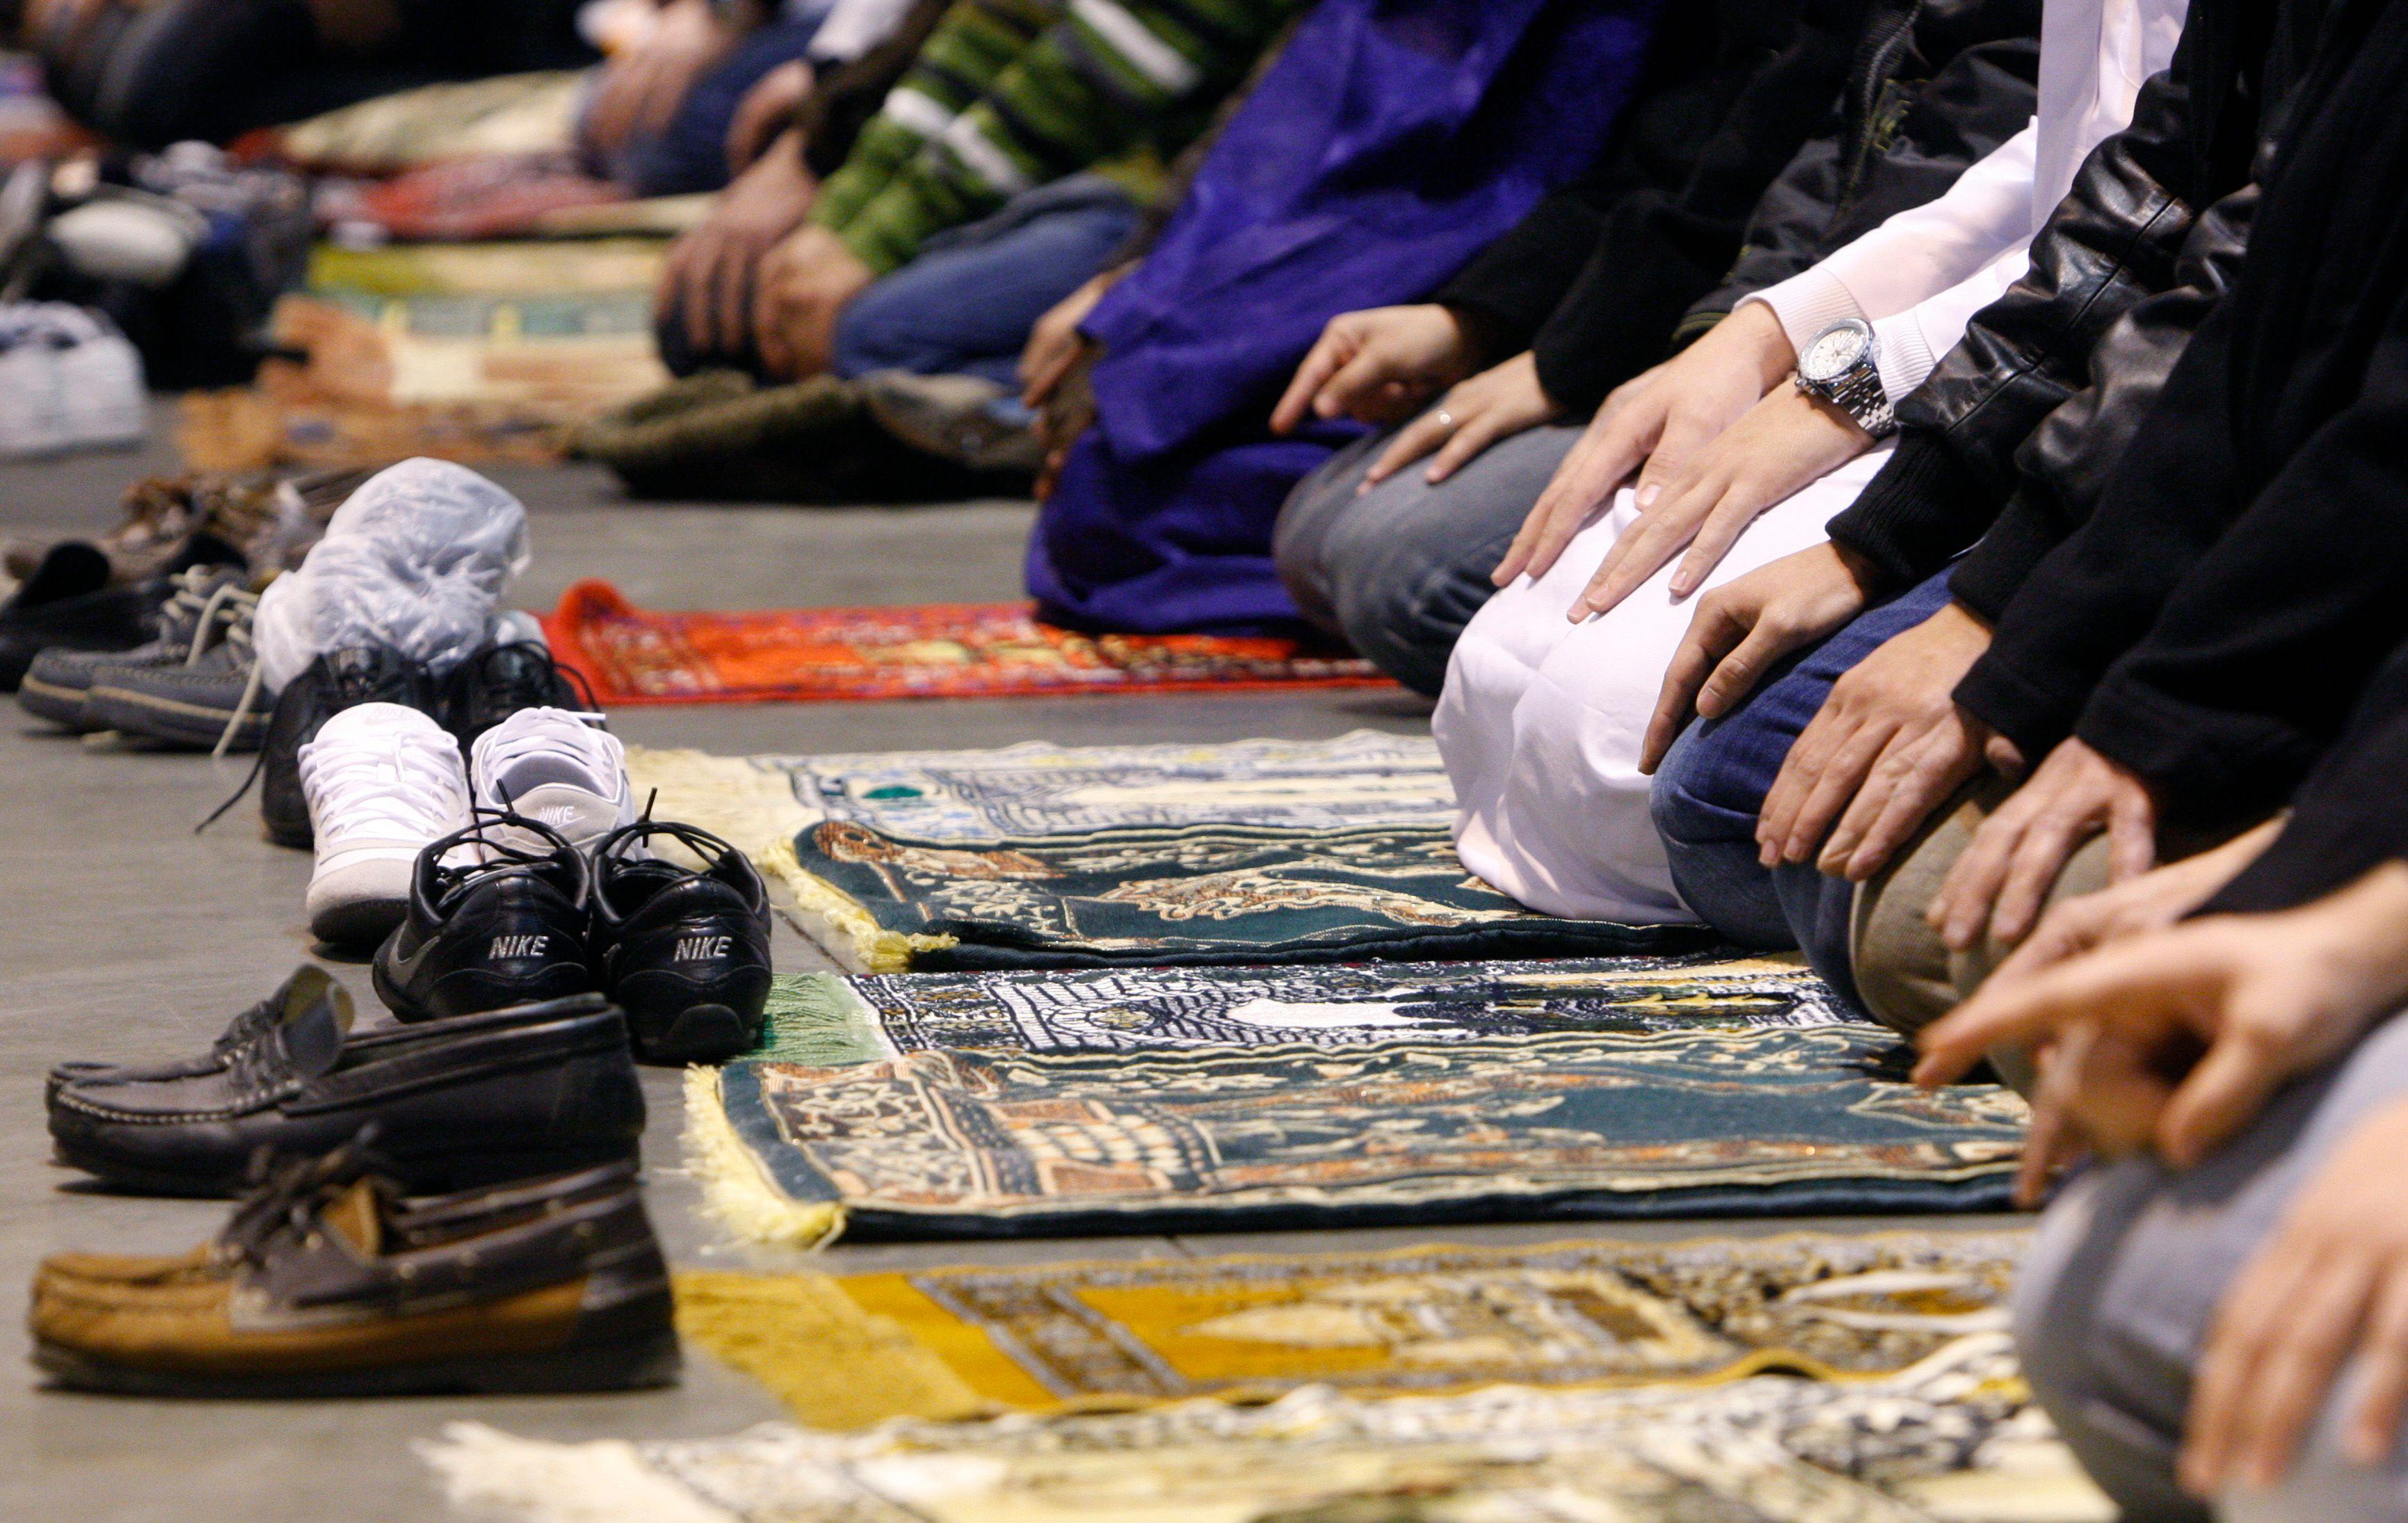 Traumatisme post-attentats : le fossé entre ceux que l'islam inquiète et ceux qui se sentent victimes de stigmatisation est profond